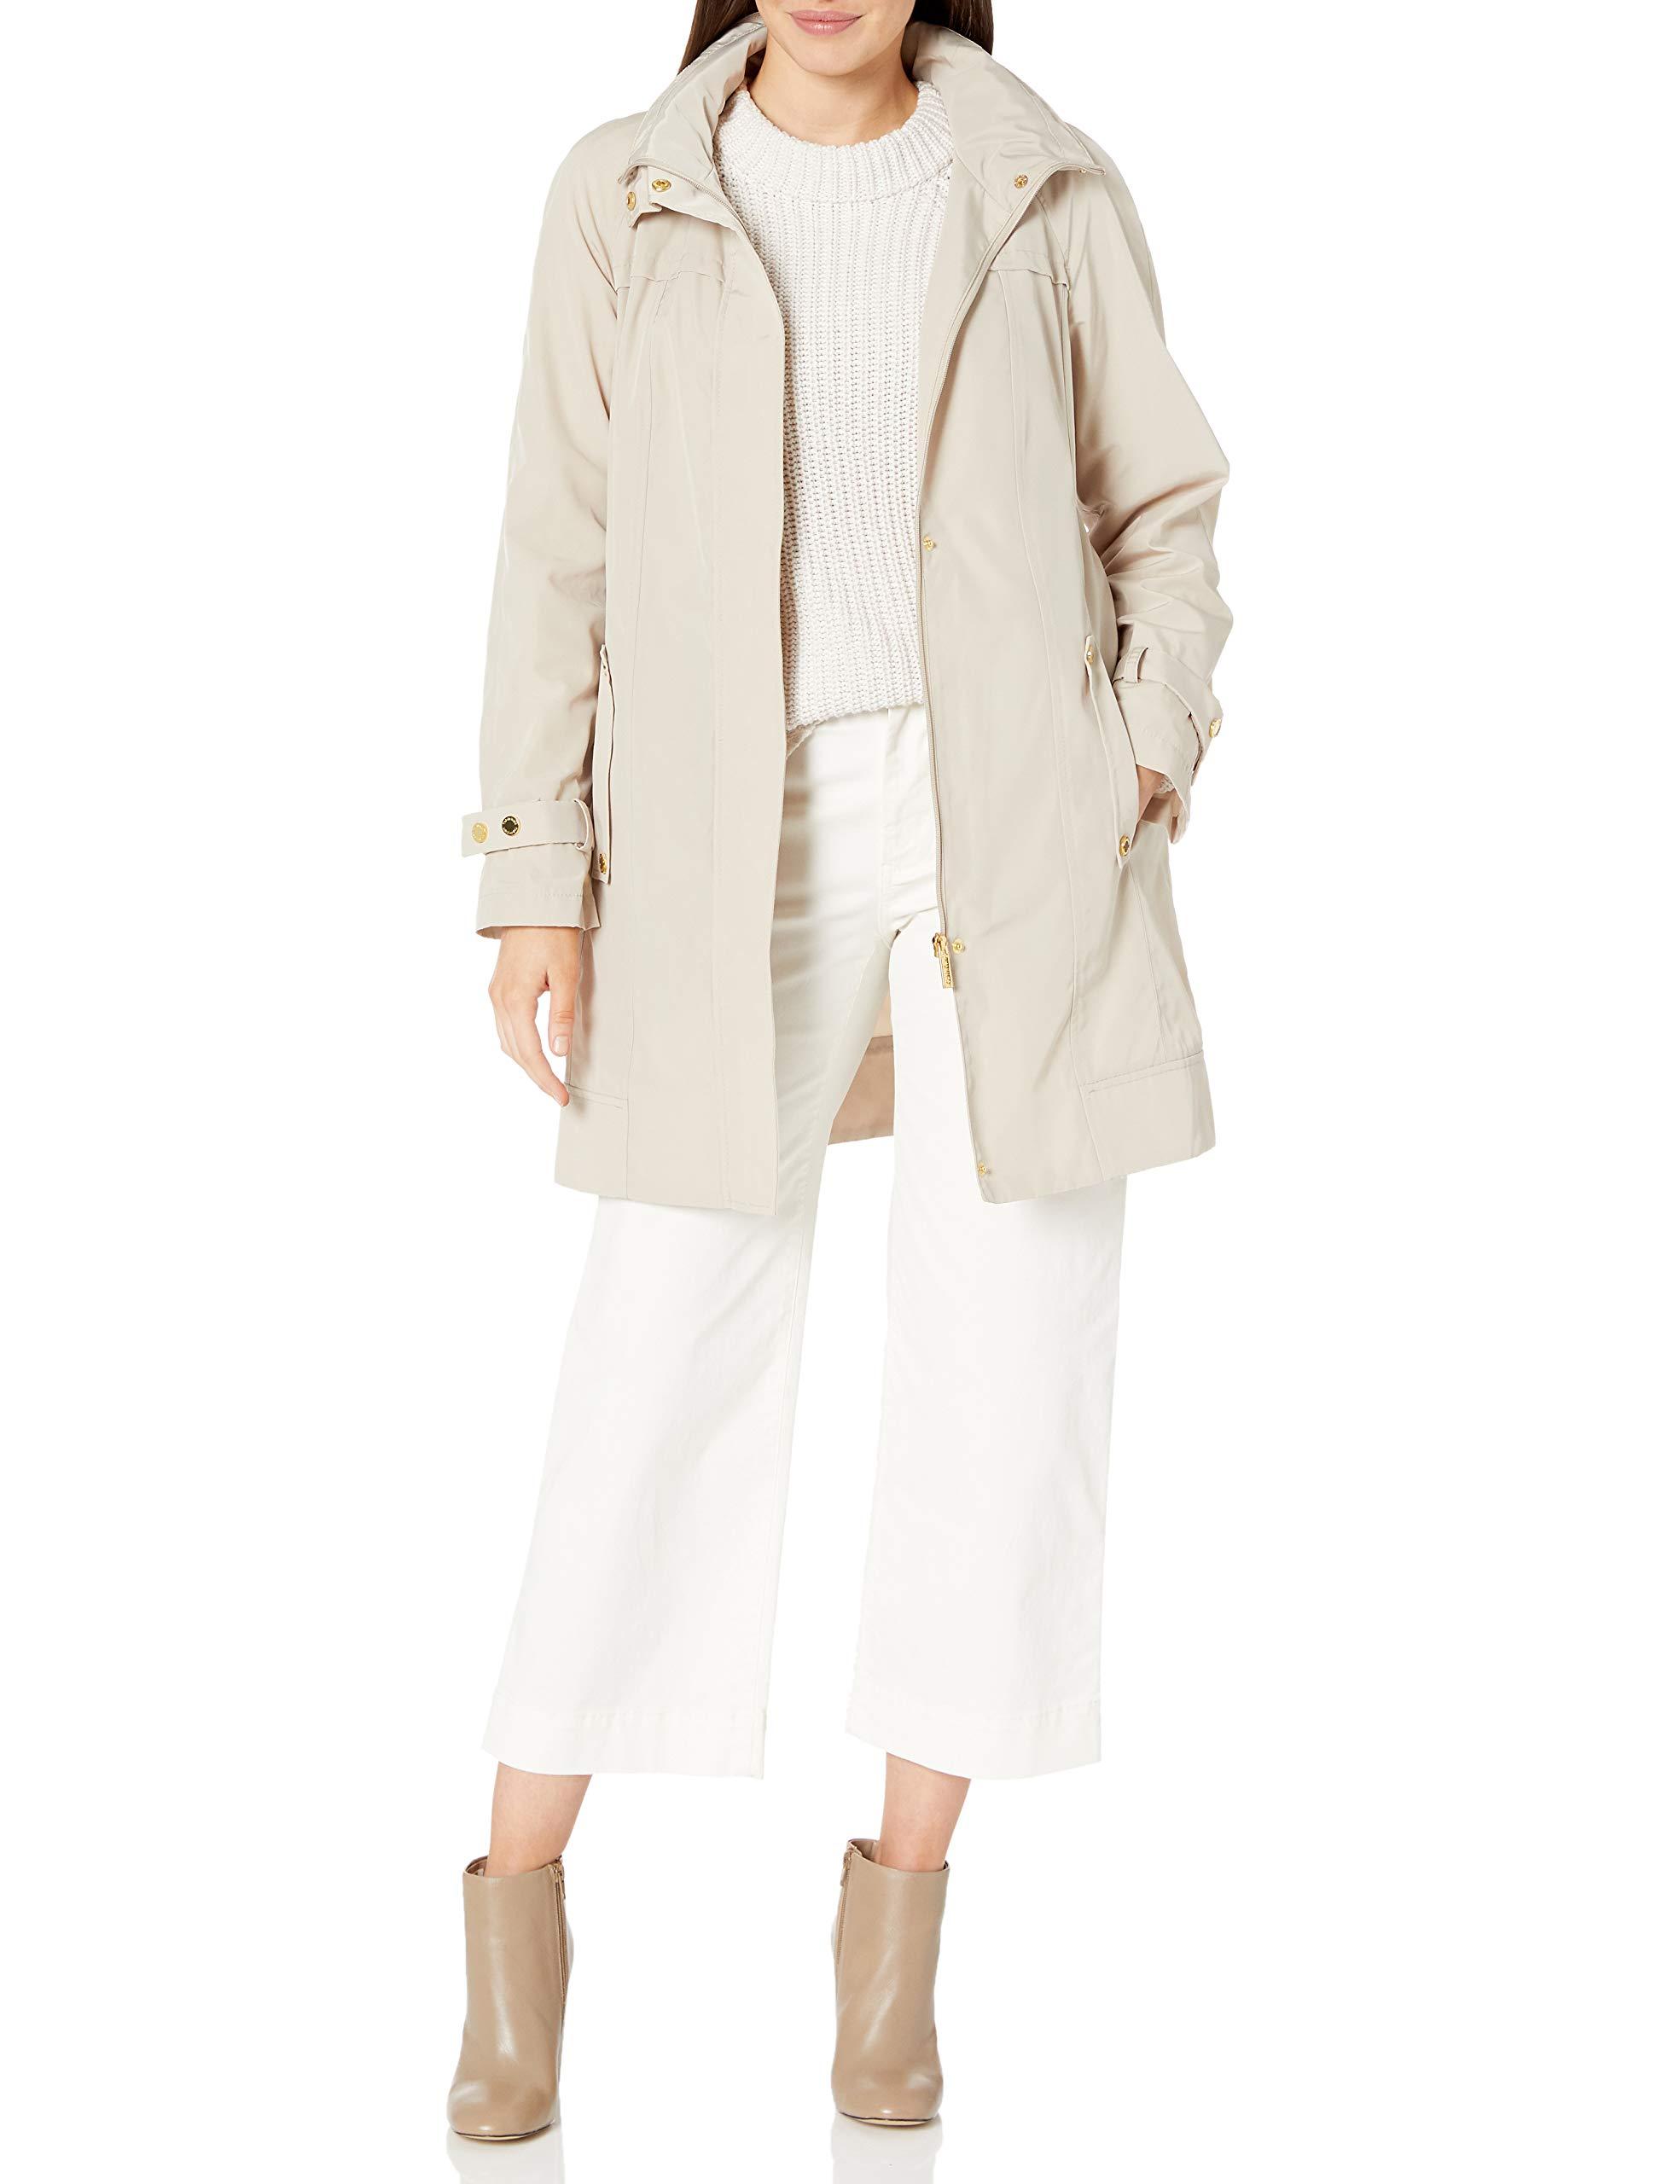 Calvin Klein Women's Long Packable Anorak Jacket, Buff, X-Small by Calvin Klein